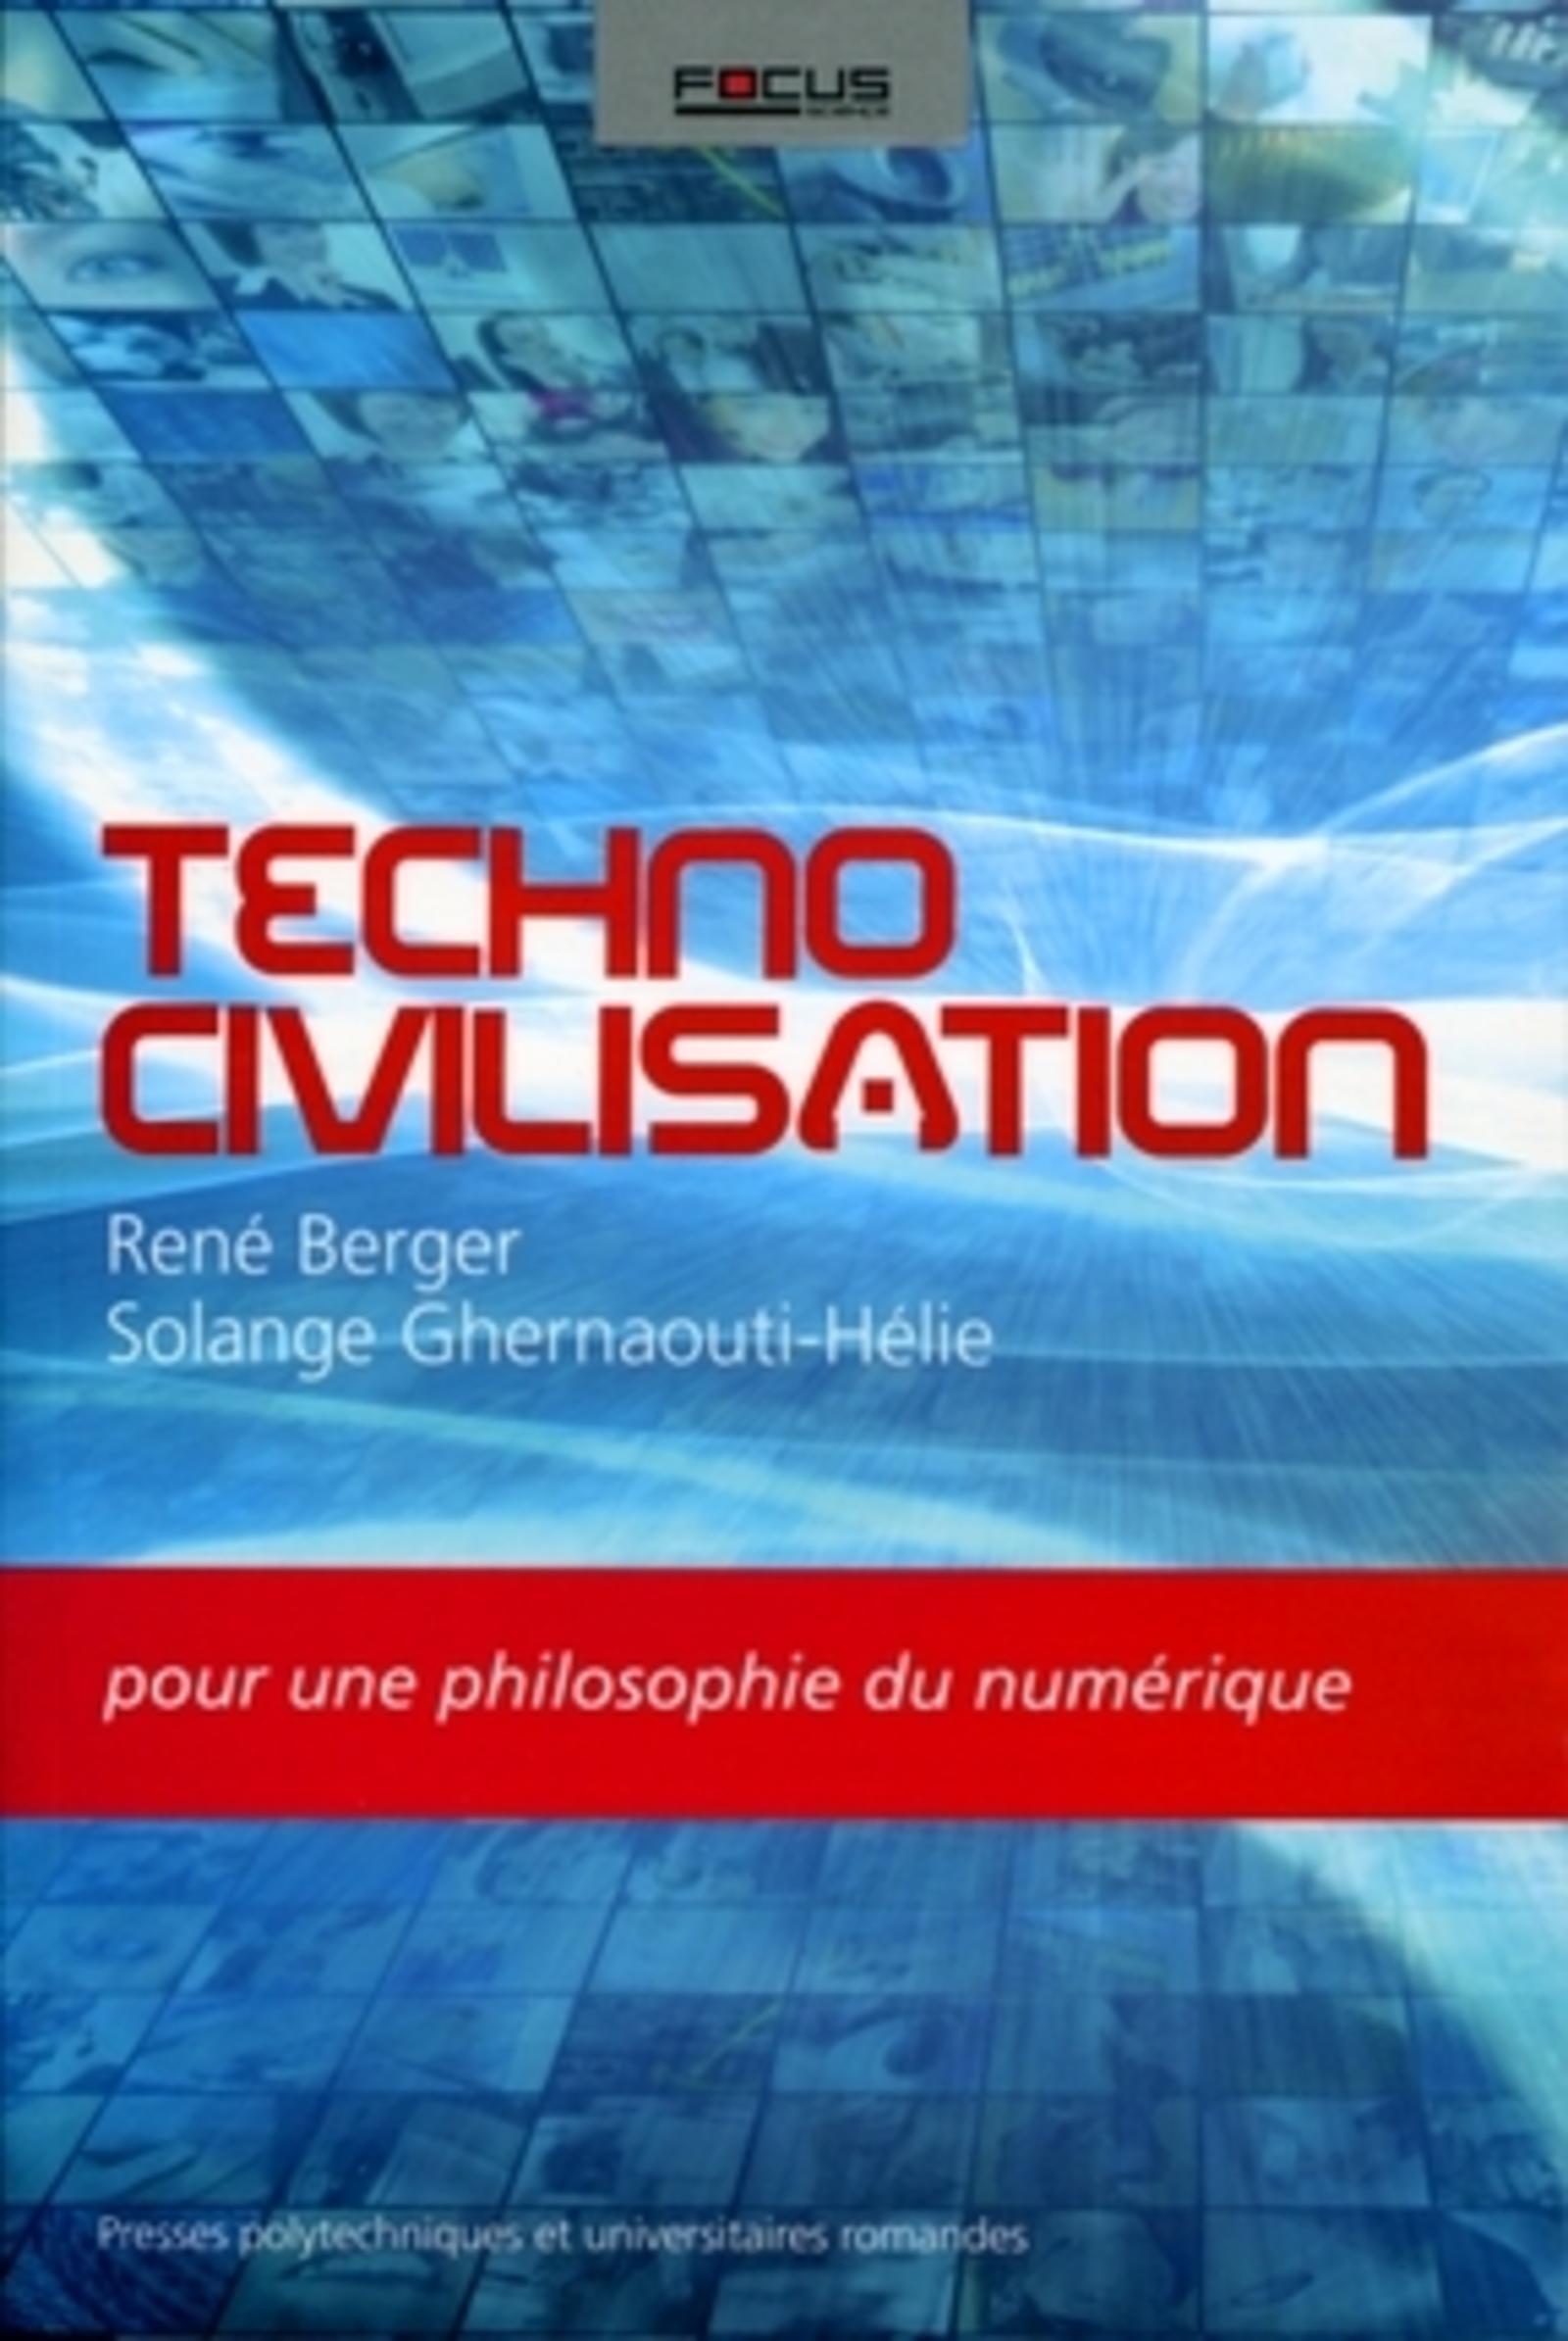 TECHNO CIVILISATION - POUR UNE PHILOSOPHIE DU NUMERIQUE.